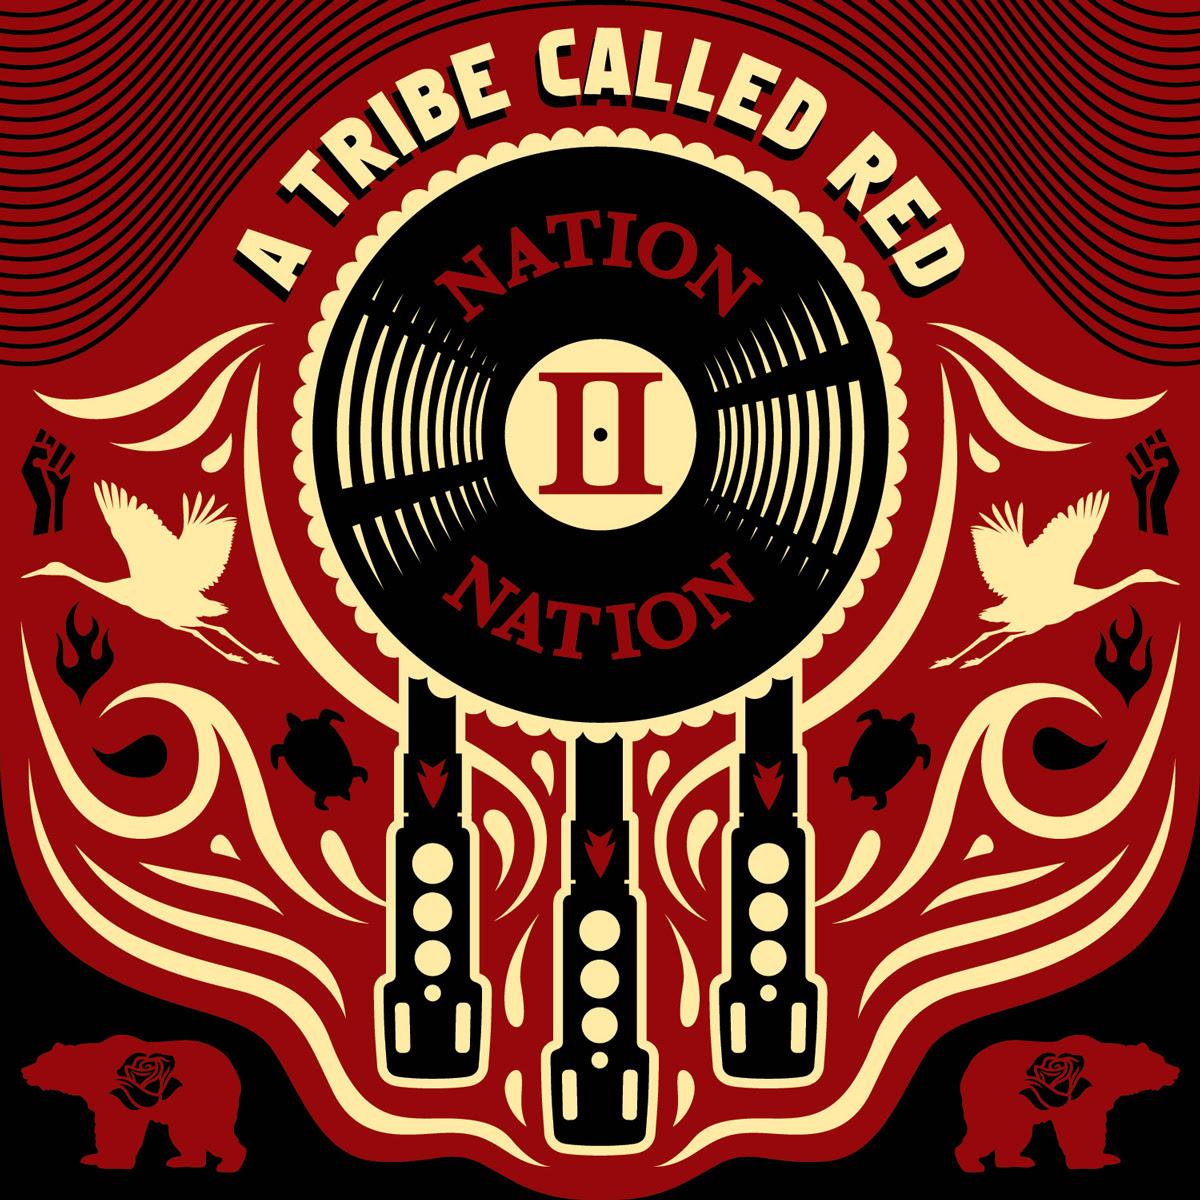 http://atribecalledred.com/wp-content/uploads/2013/04/nation-II-nation.jpg